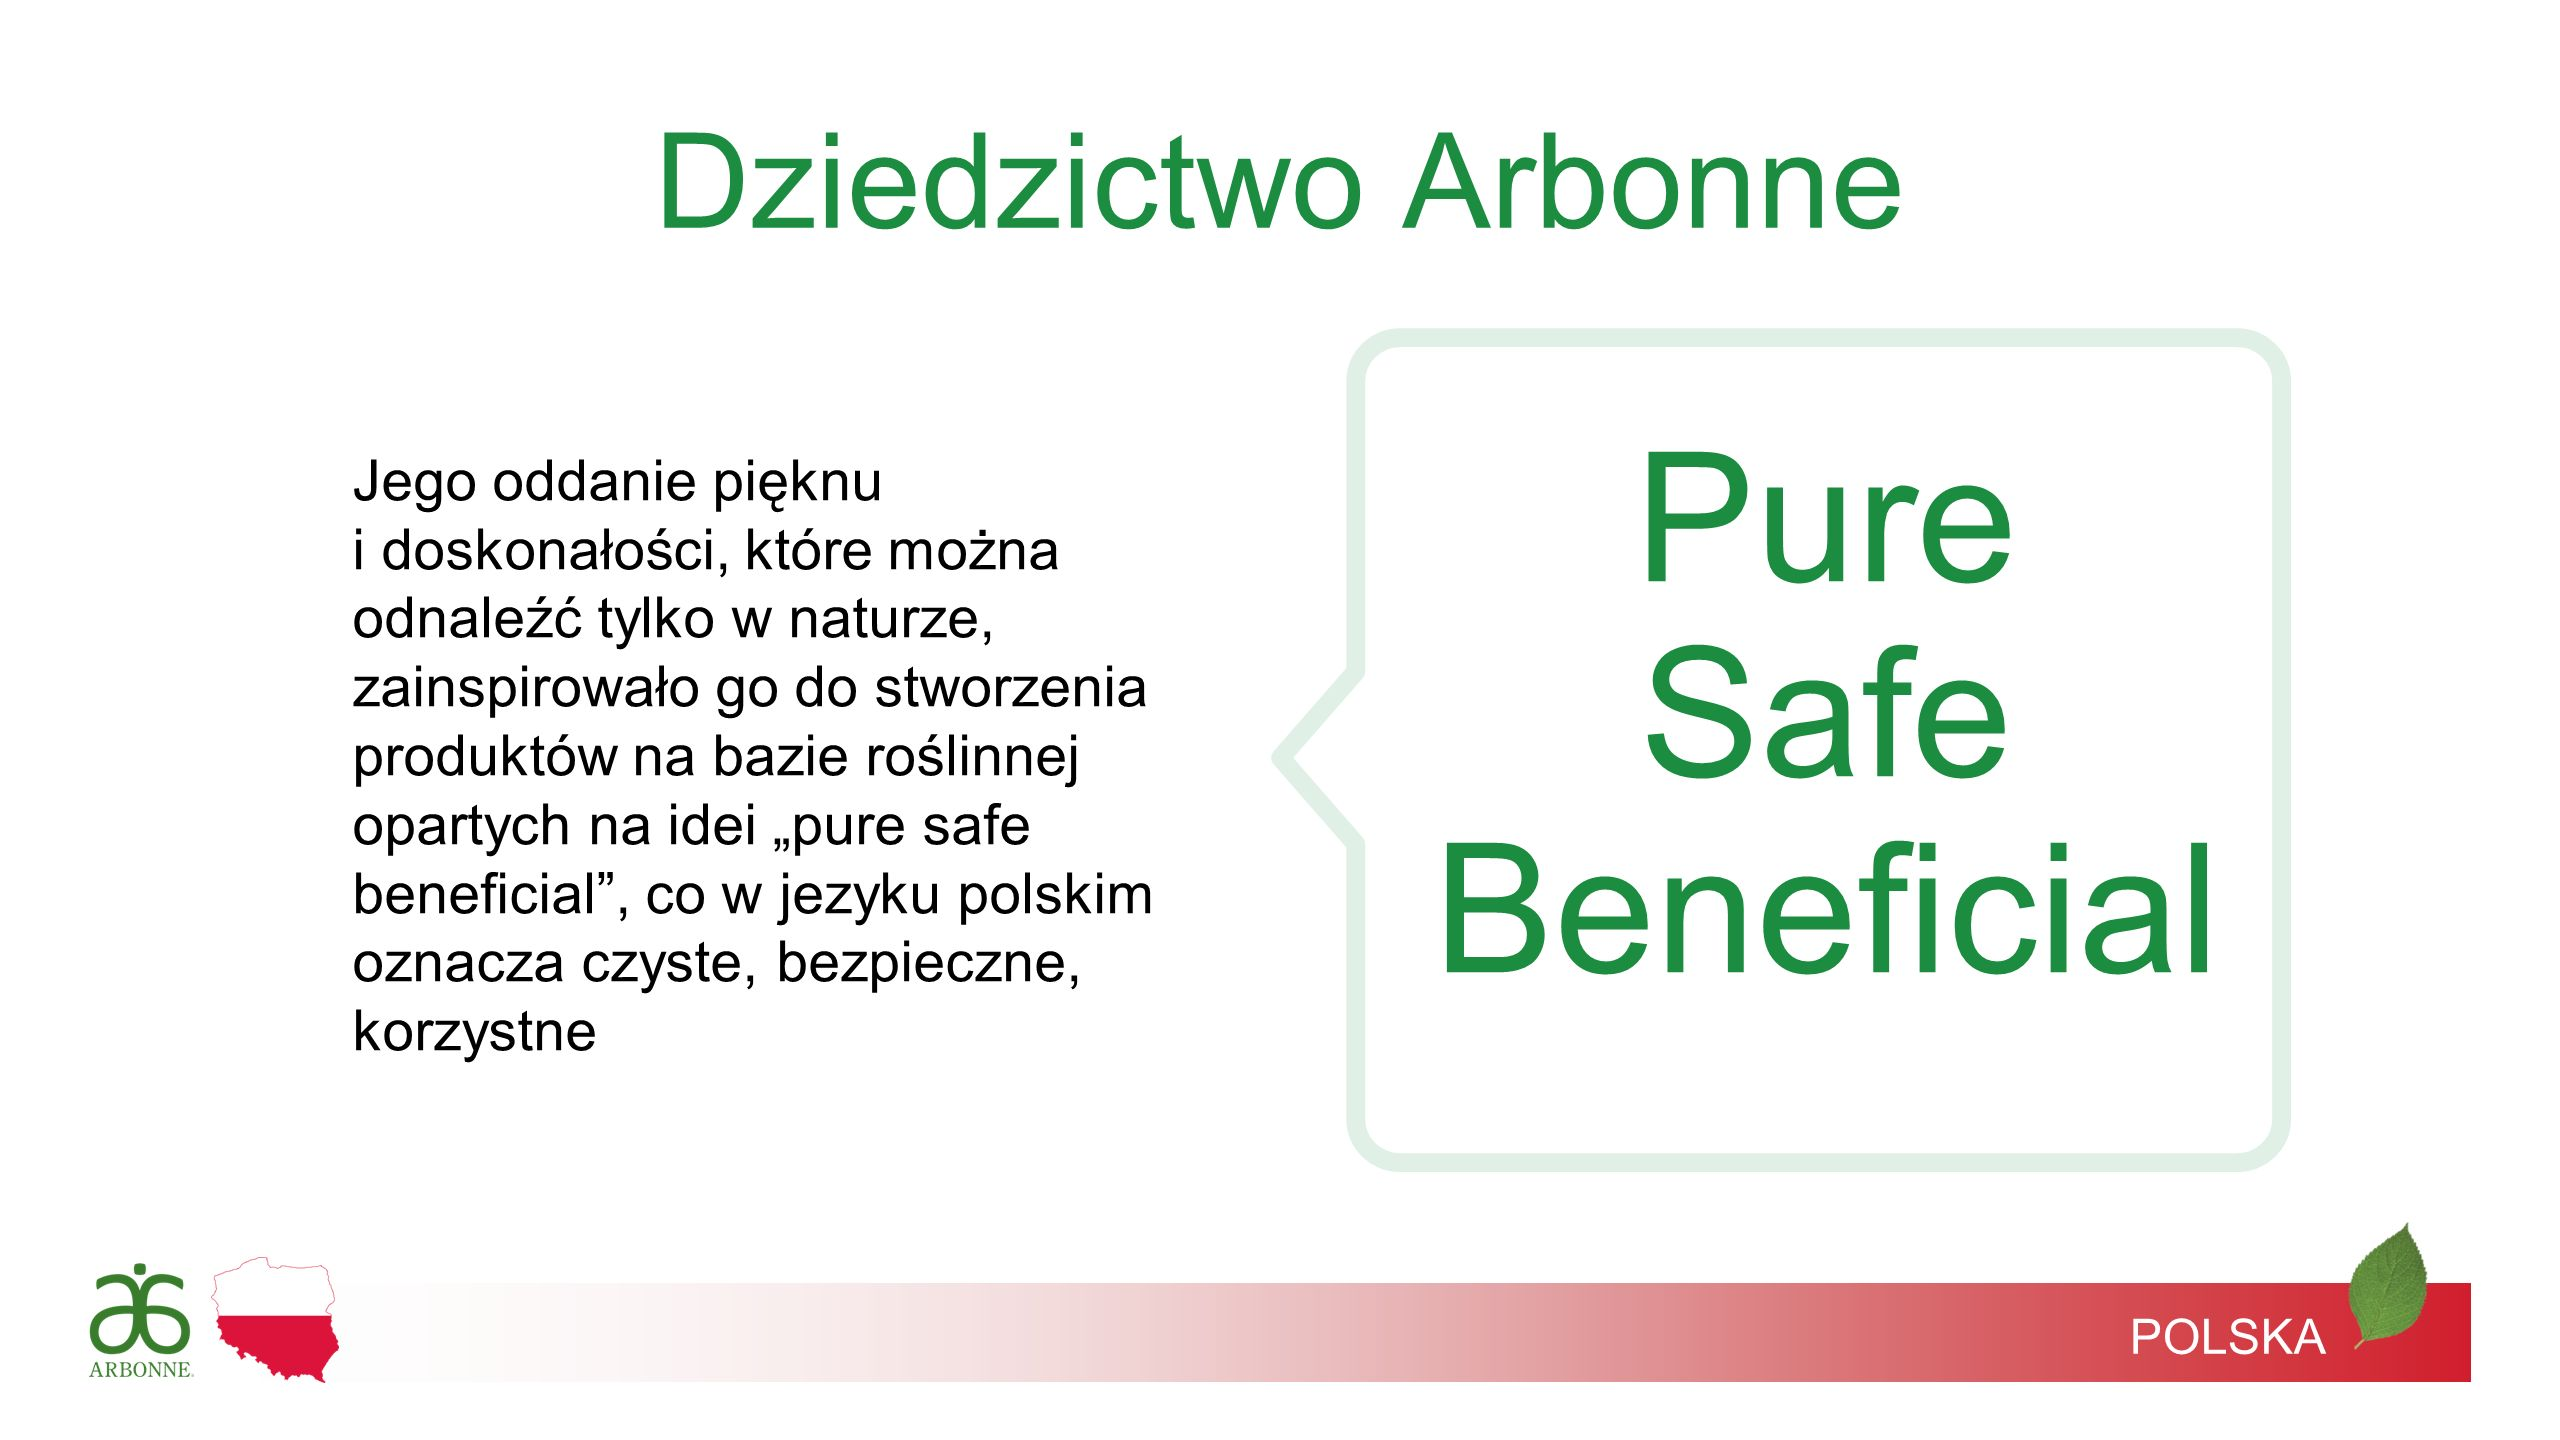 Dziedzictwo Arbonne Pure Safe Beneficial Jego oddanie pięknu i doskonałości, które można odnaleźć tylko w naturze, zainspirowało go do stworzenia prod